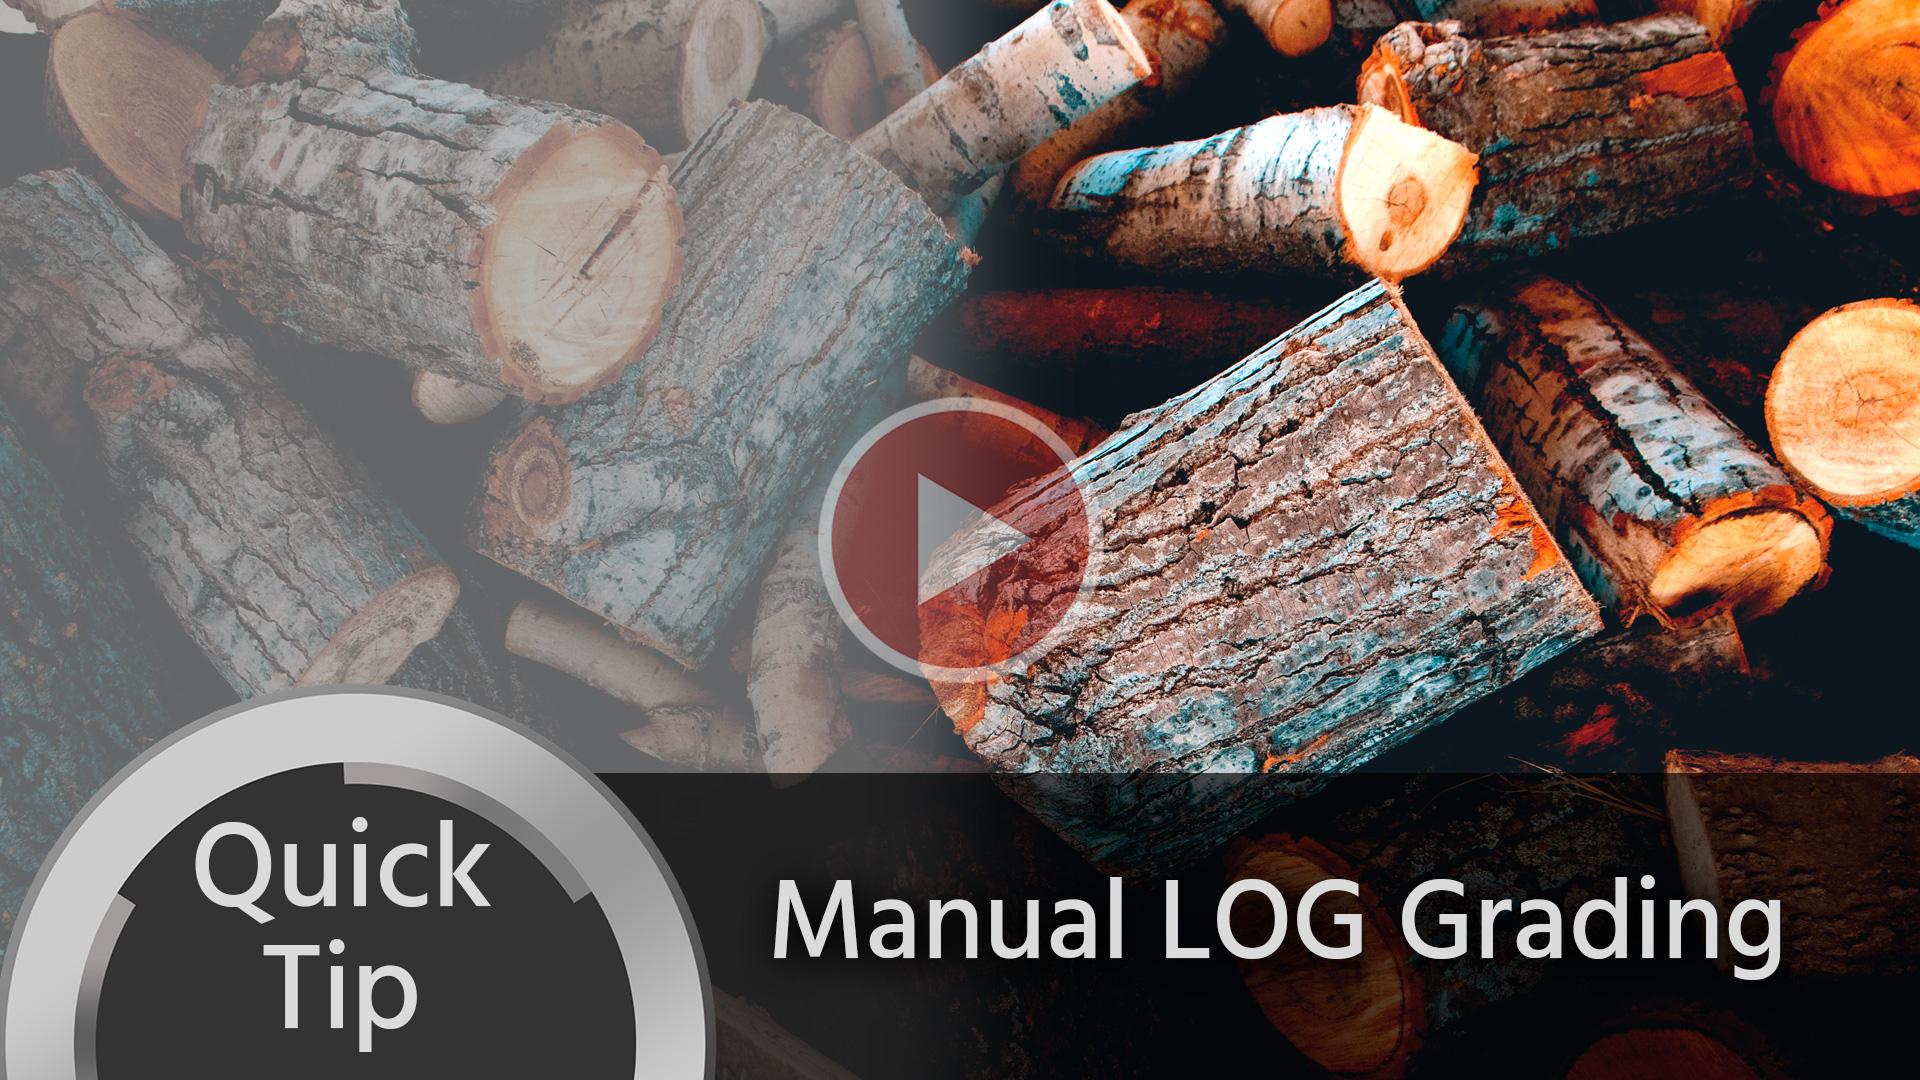 Consejo rápido: gradación LOG manual fácil